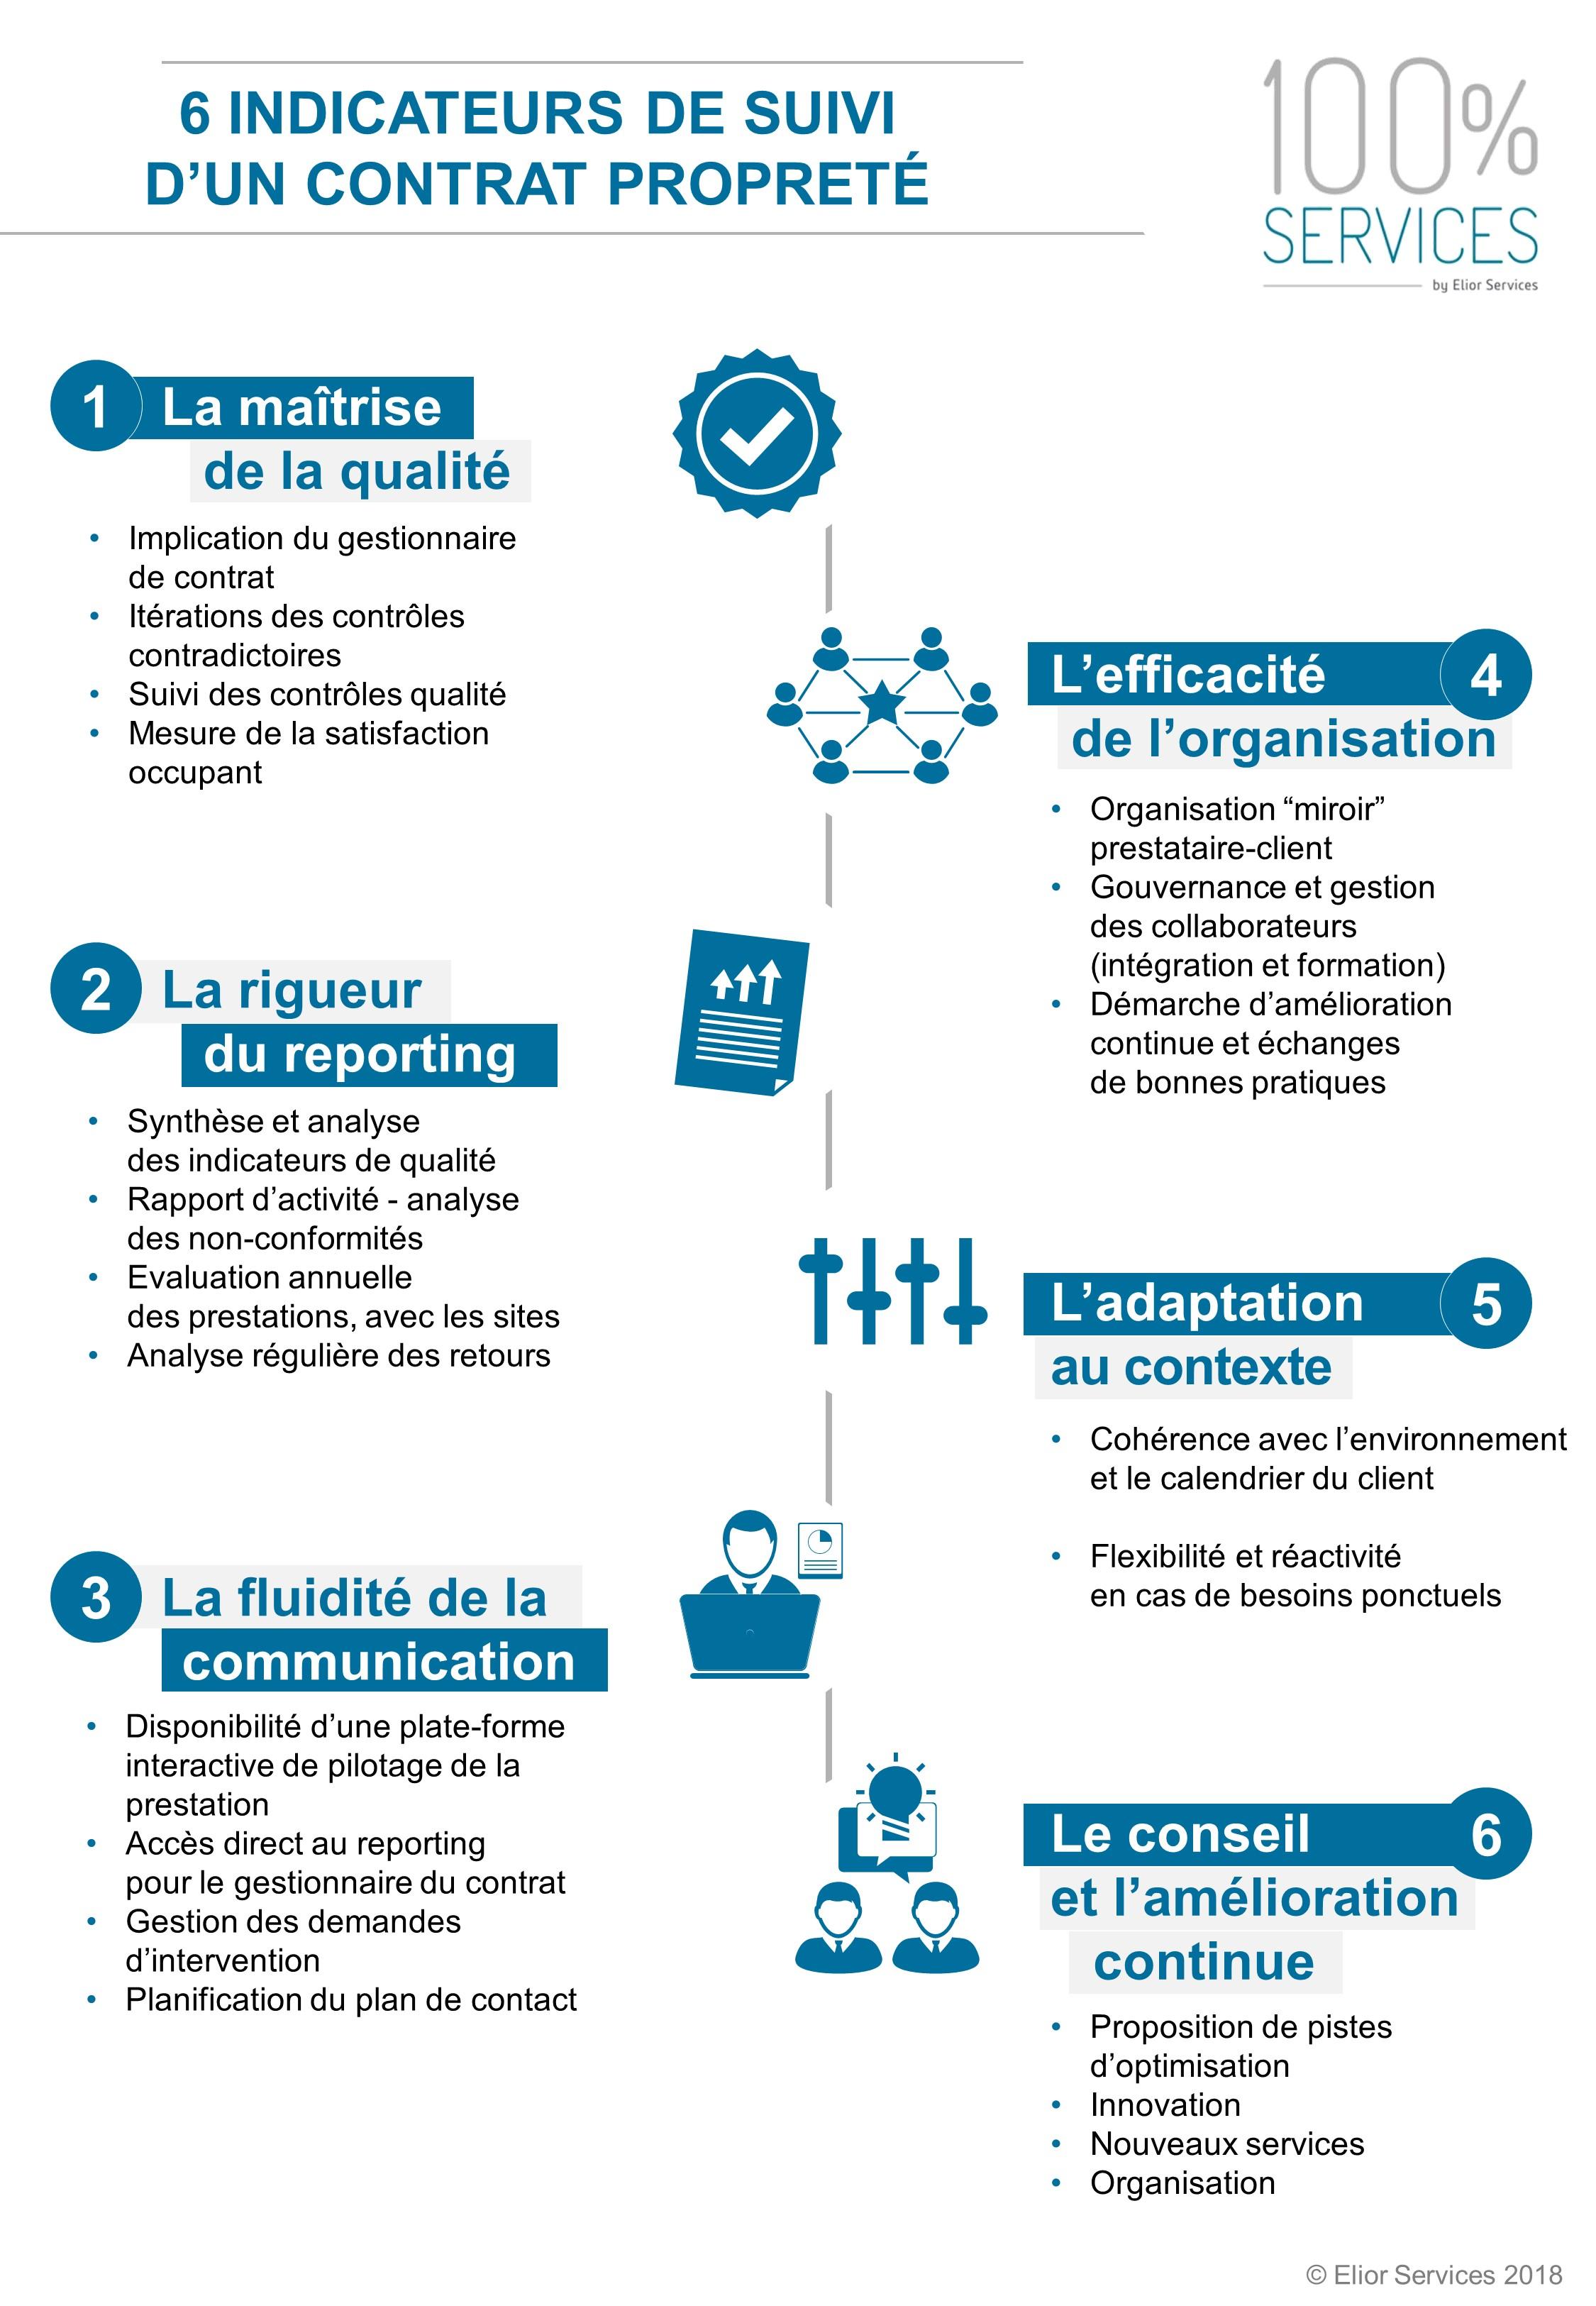 KPI contrat propreté